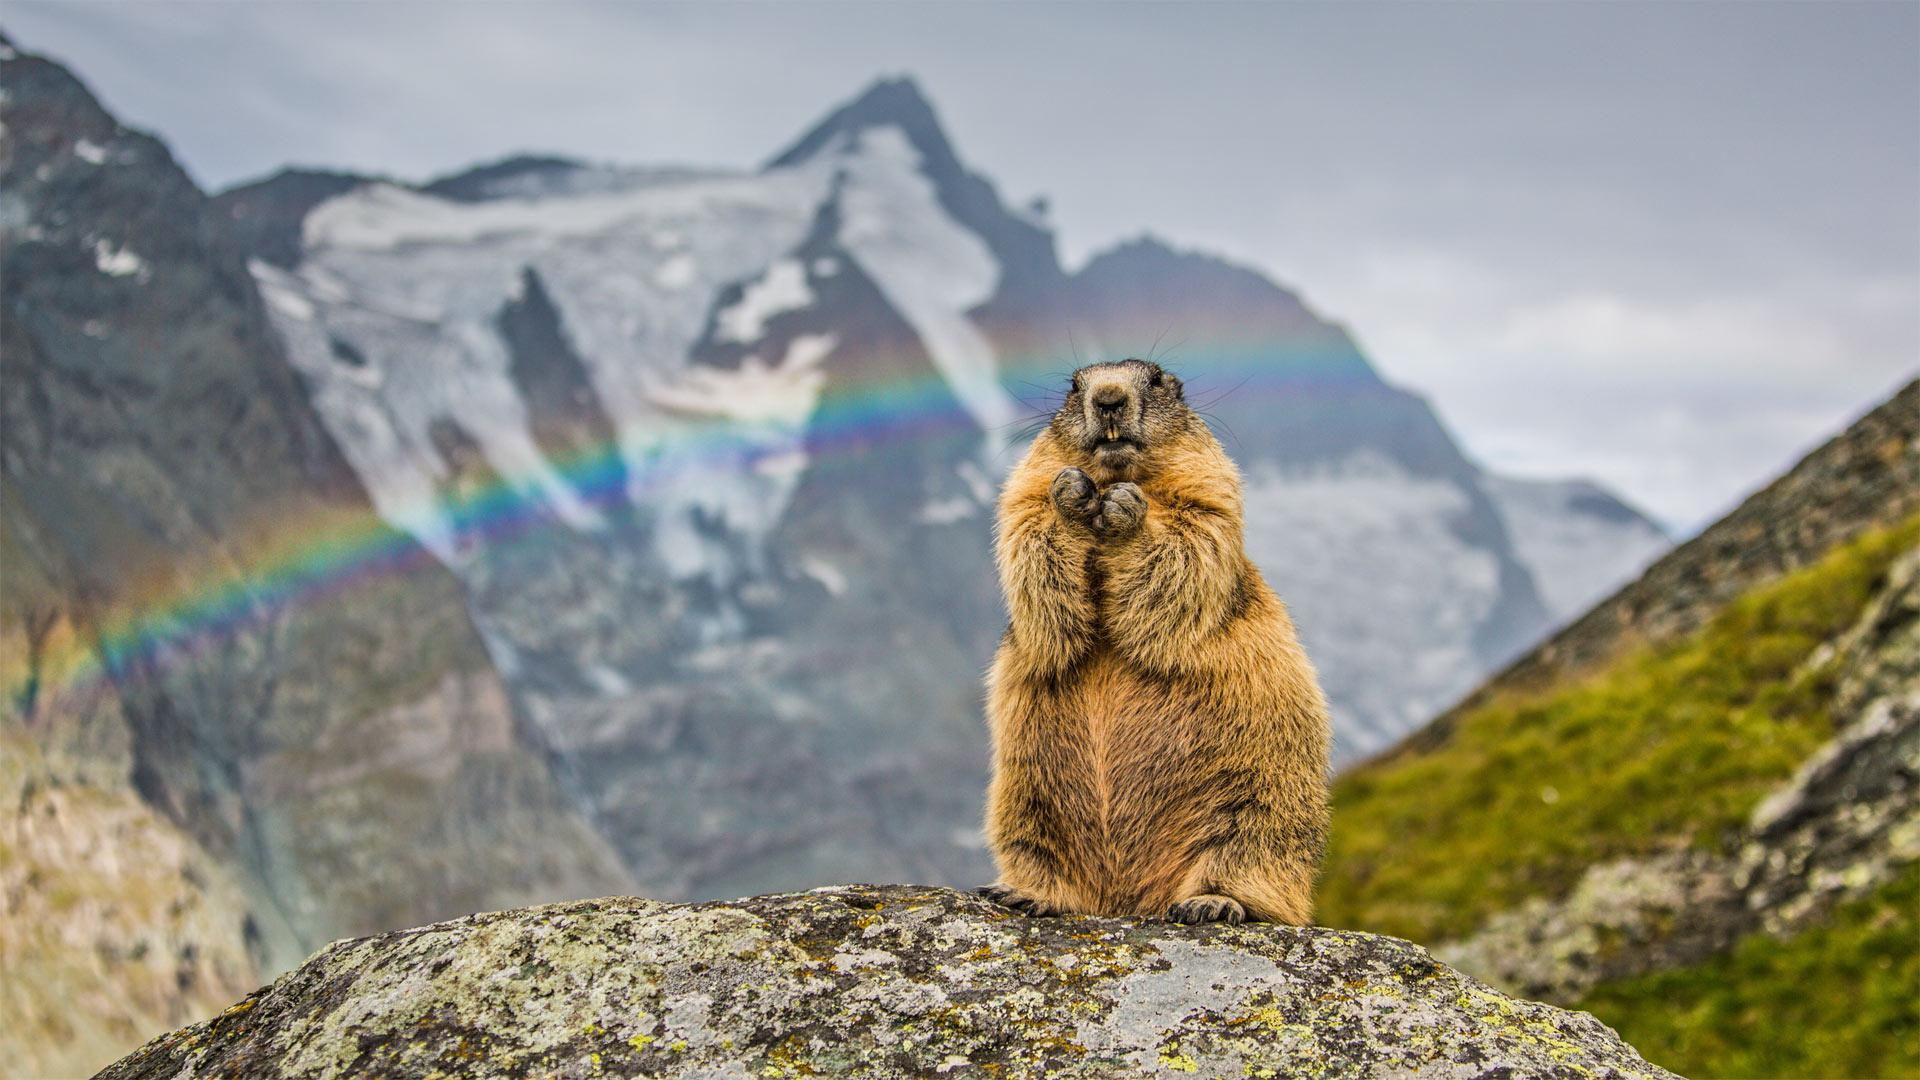 萌宠动物,野生动物,鼹鼠,彩虹,雪山